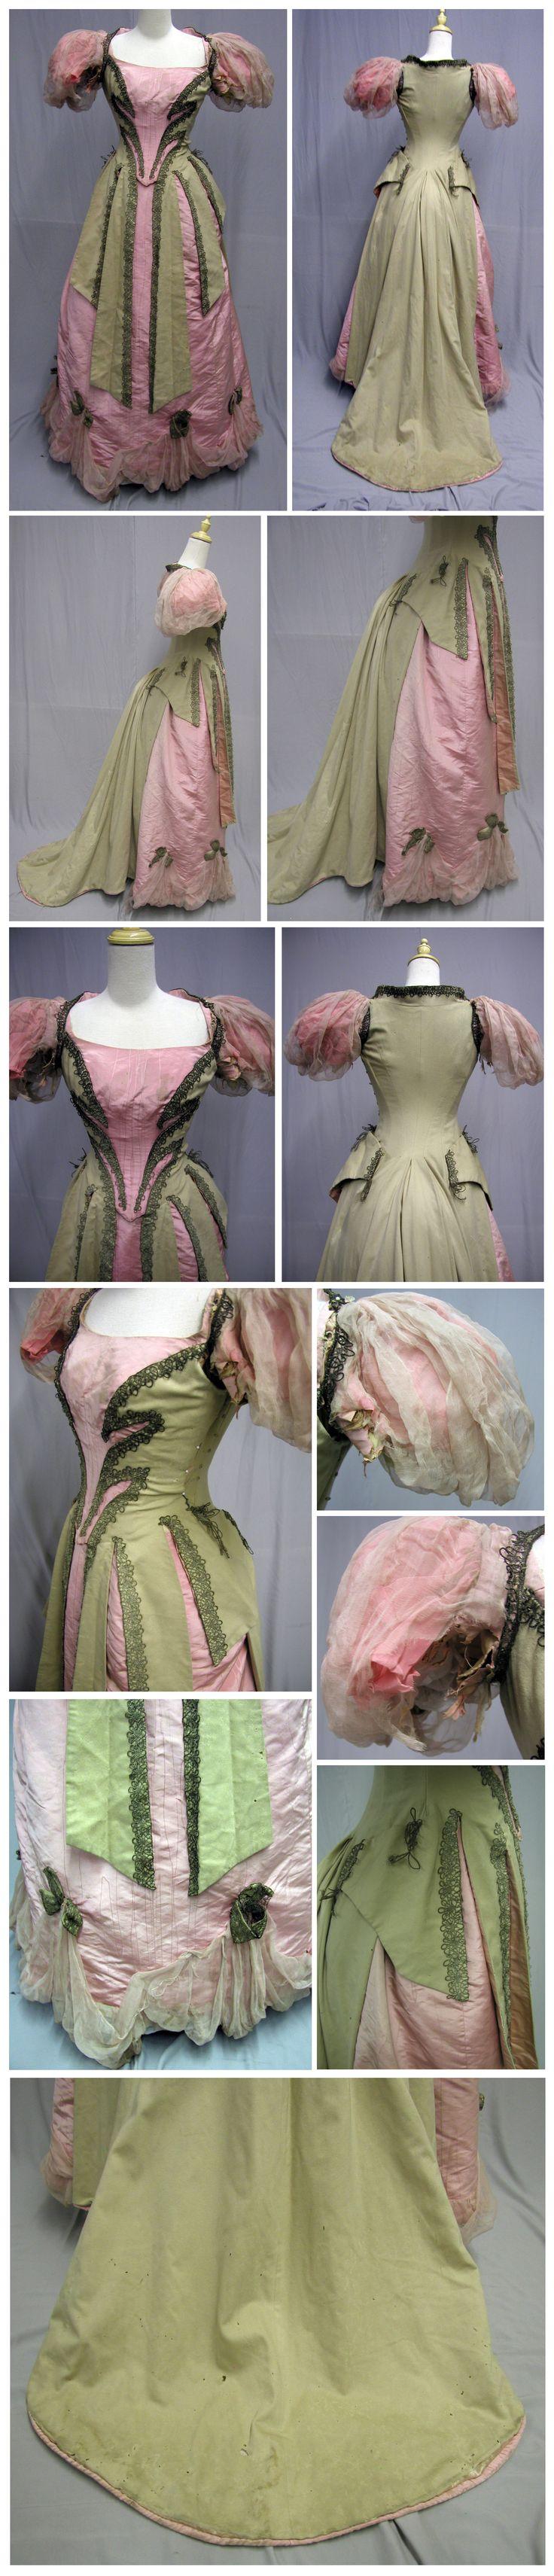 1890's Opulent Era Ballgown - Cashmere & Pink Silk Moiré. Ebay: svpmeow1